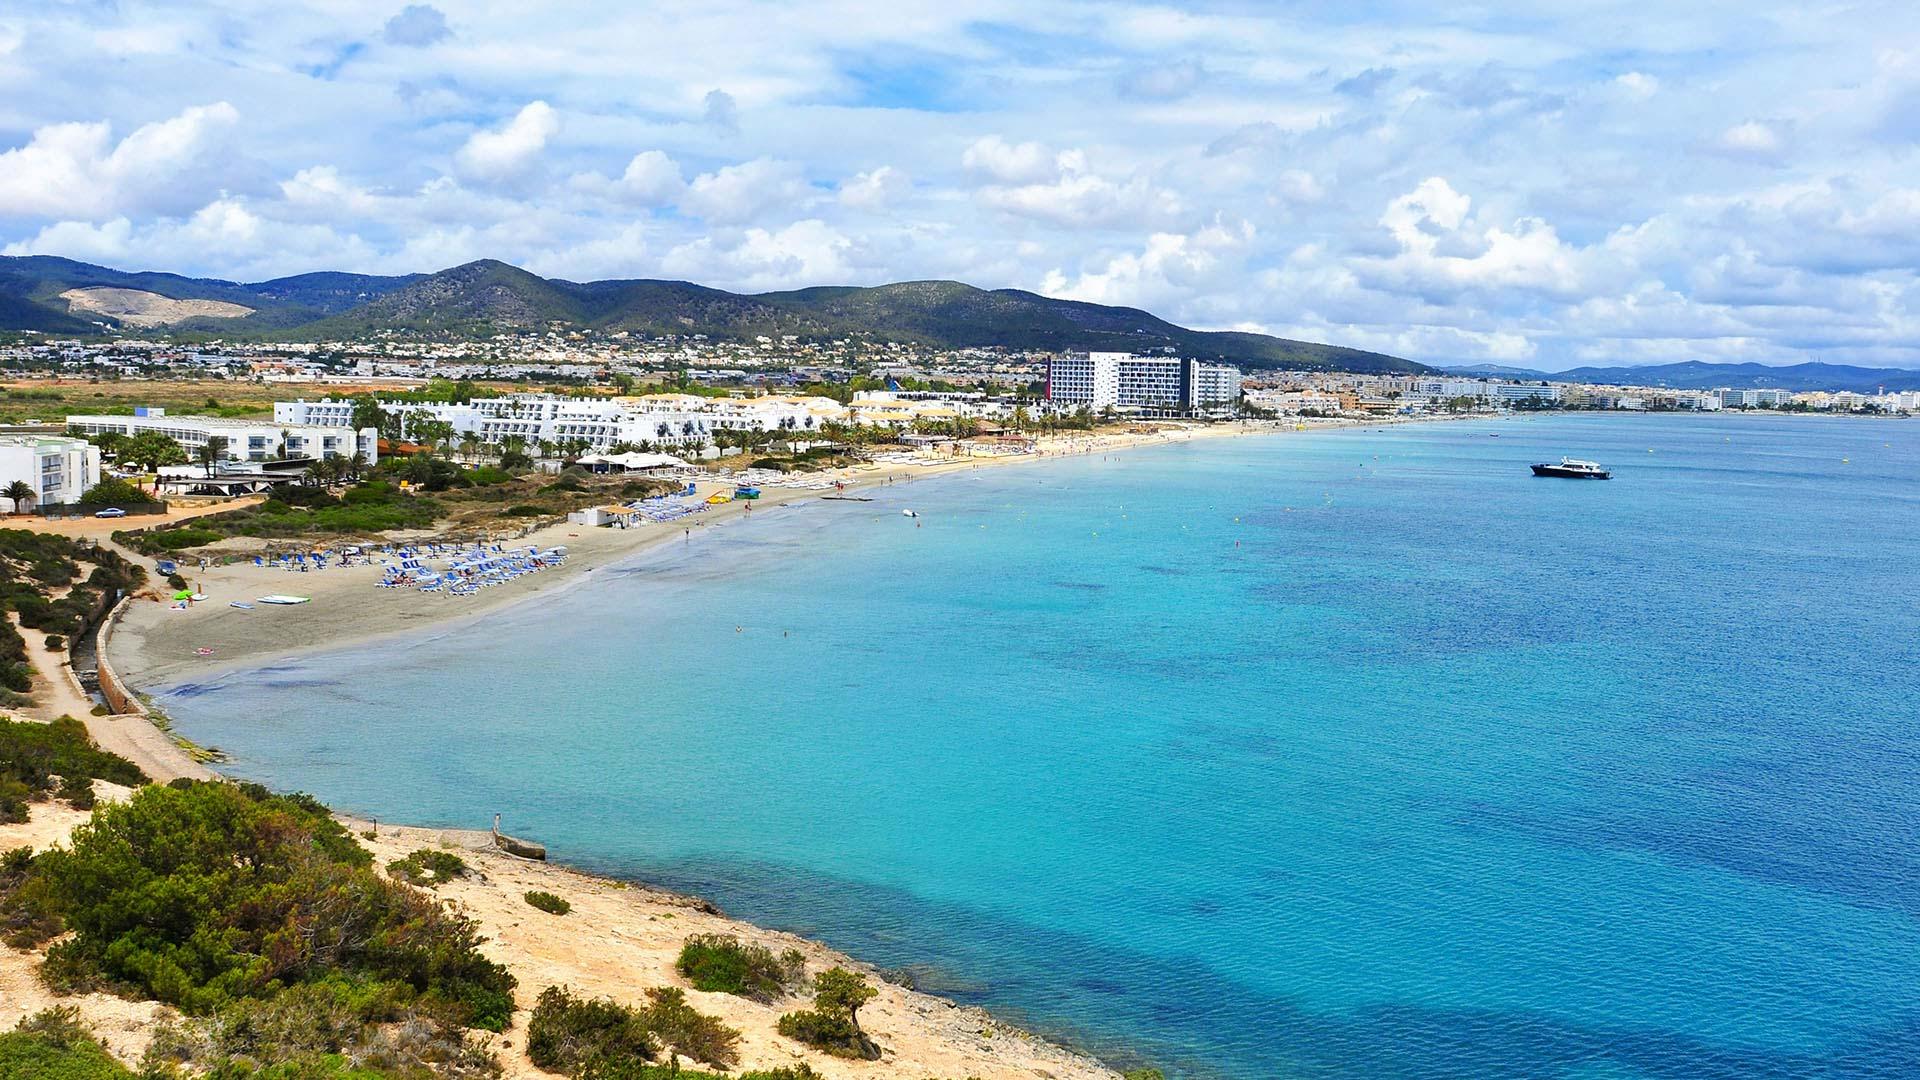 Vista aérea de la playa D'en Bossa